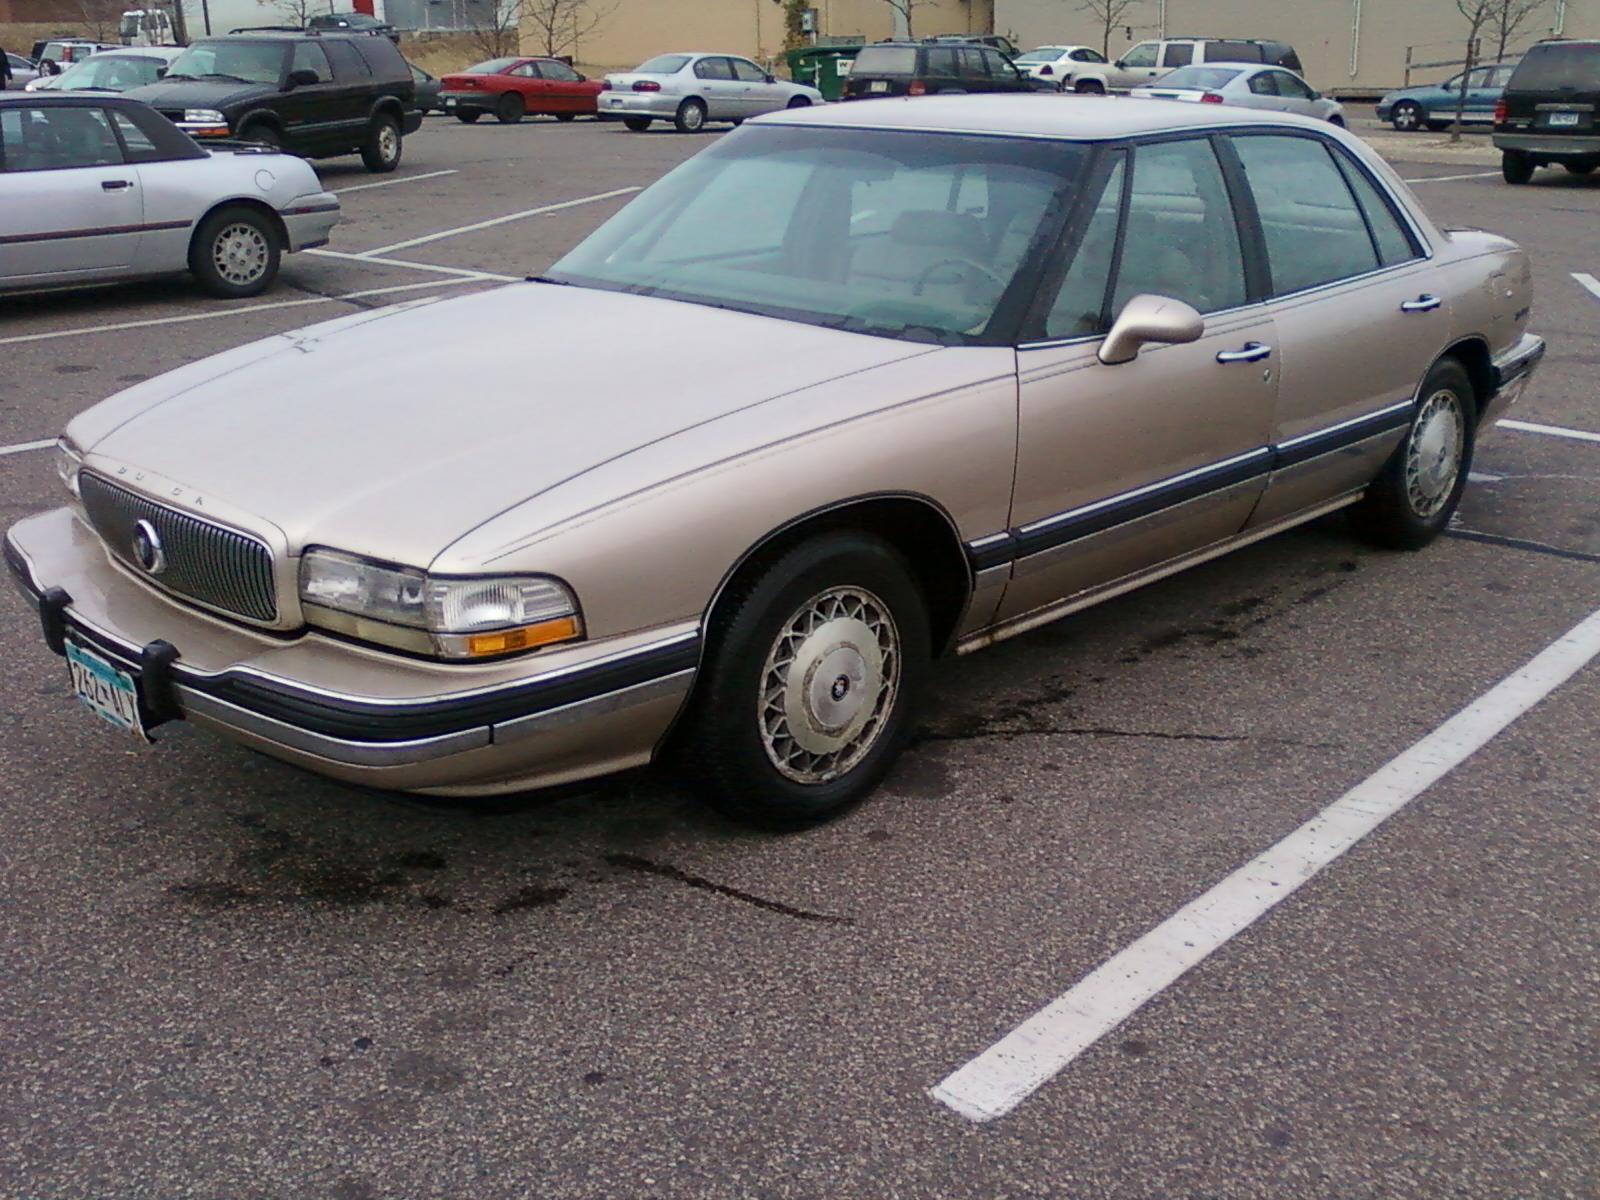 1995 Buick Lesabre Exterior Pictures Cargurus